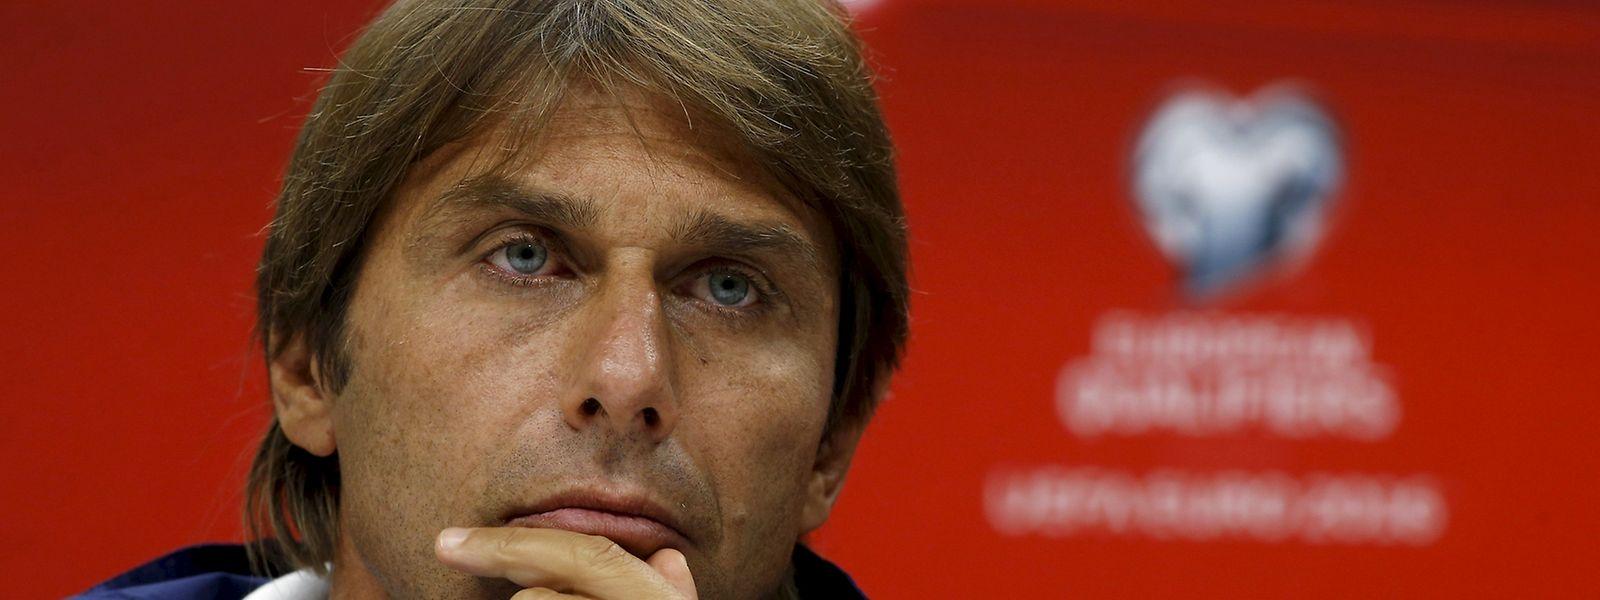 Antonio Conte wollte vor der EM-Endrunde seine Unschuld beweisen. Die Staatsanwaltschaft ist noch nicht überzeugt.